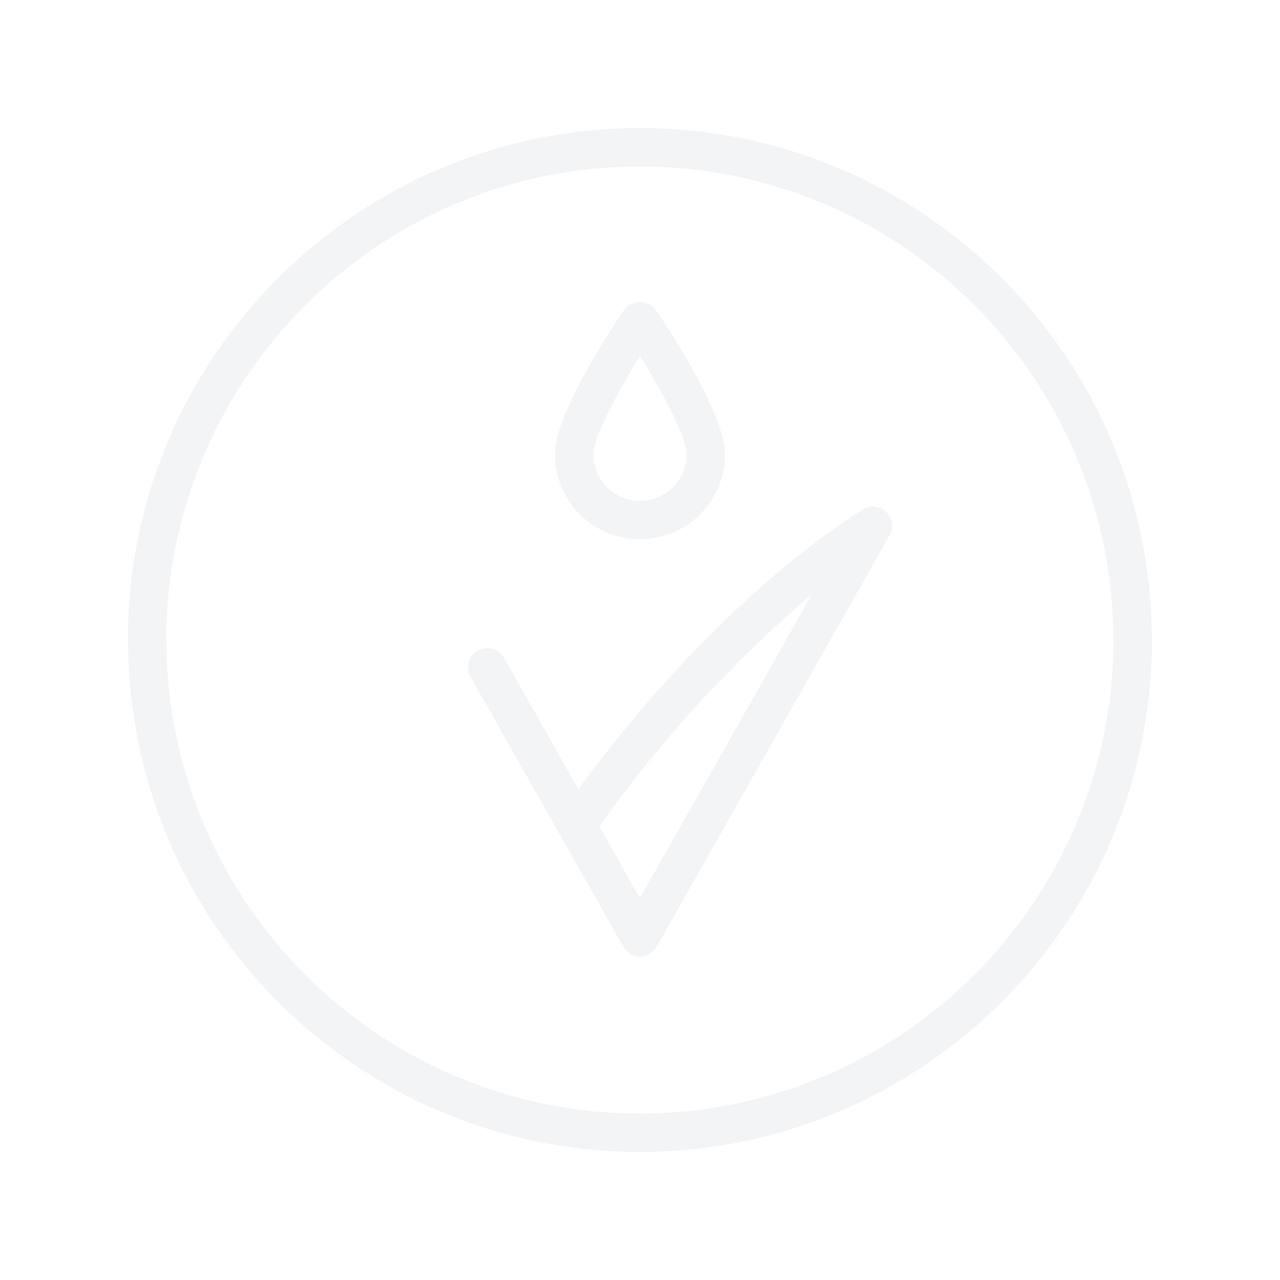 NARCISO RODRIGUEZ Bleu Noir For Him Eau De Toilette